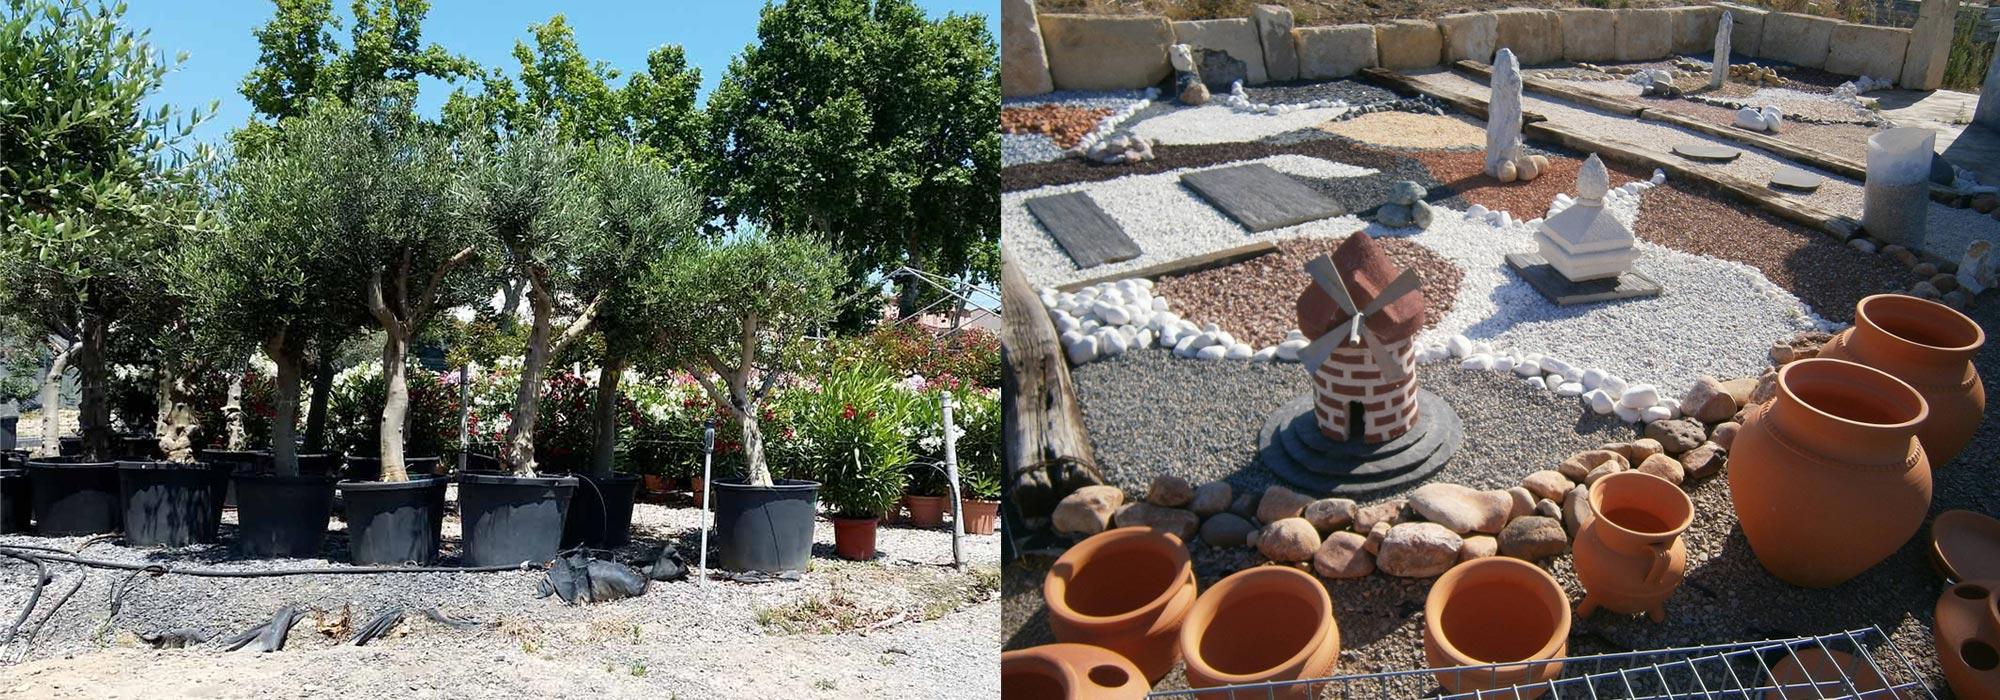 Palmiers Pézenas Et Oliviers Centenaires, De La Terre À La ... pour Cailloux Décoration Jardin